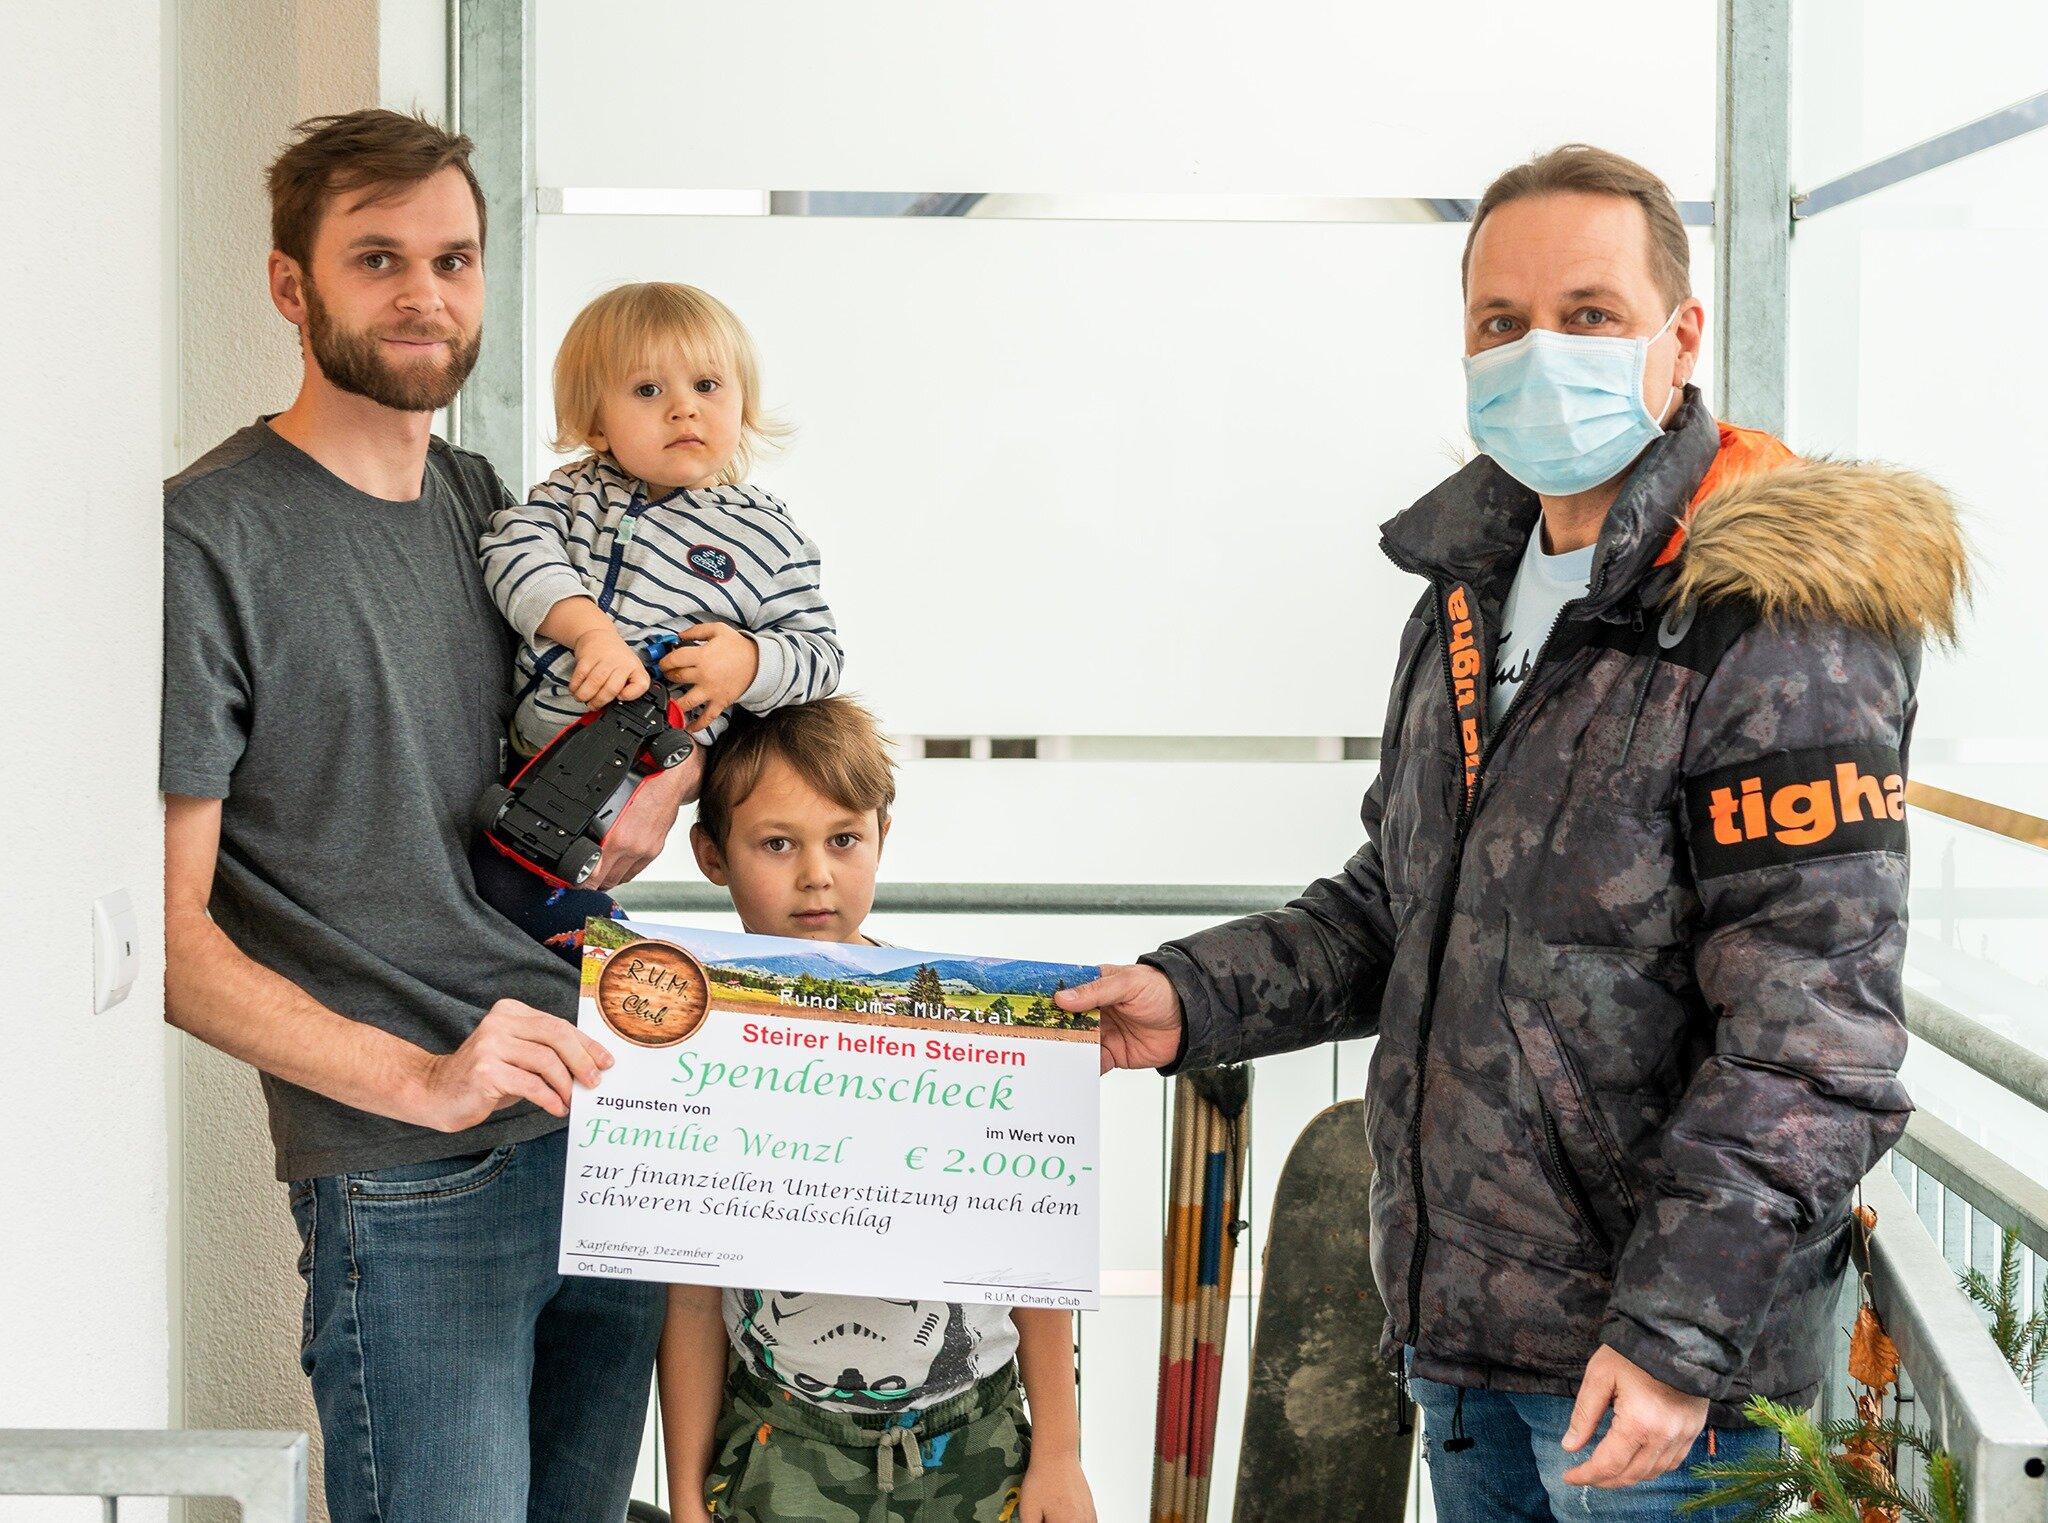 RUM-Club-hilft-schnell-und-unb-rokratisch-nach-schweren-Schicksalsschlag